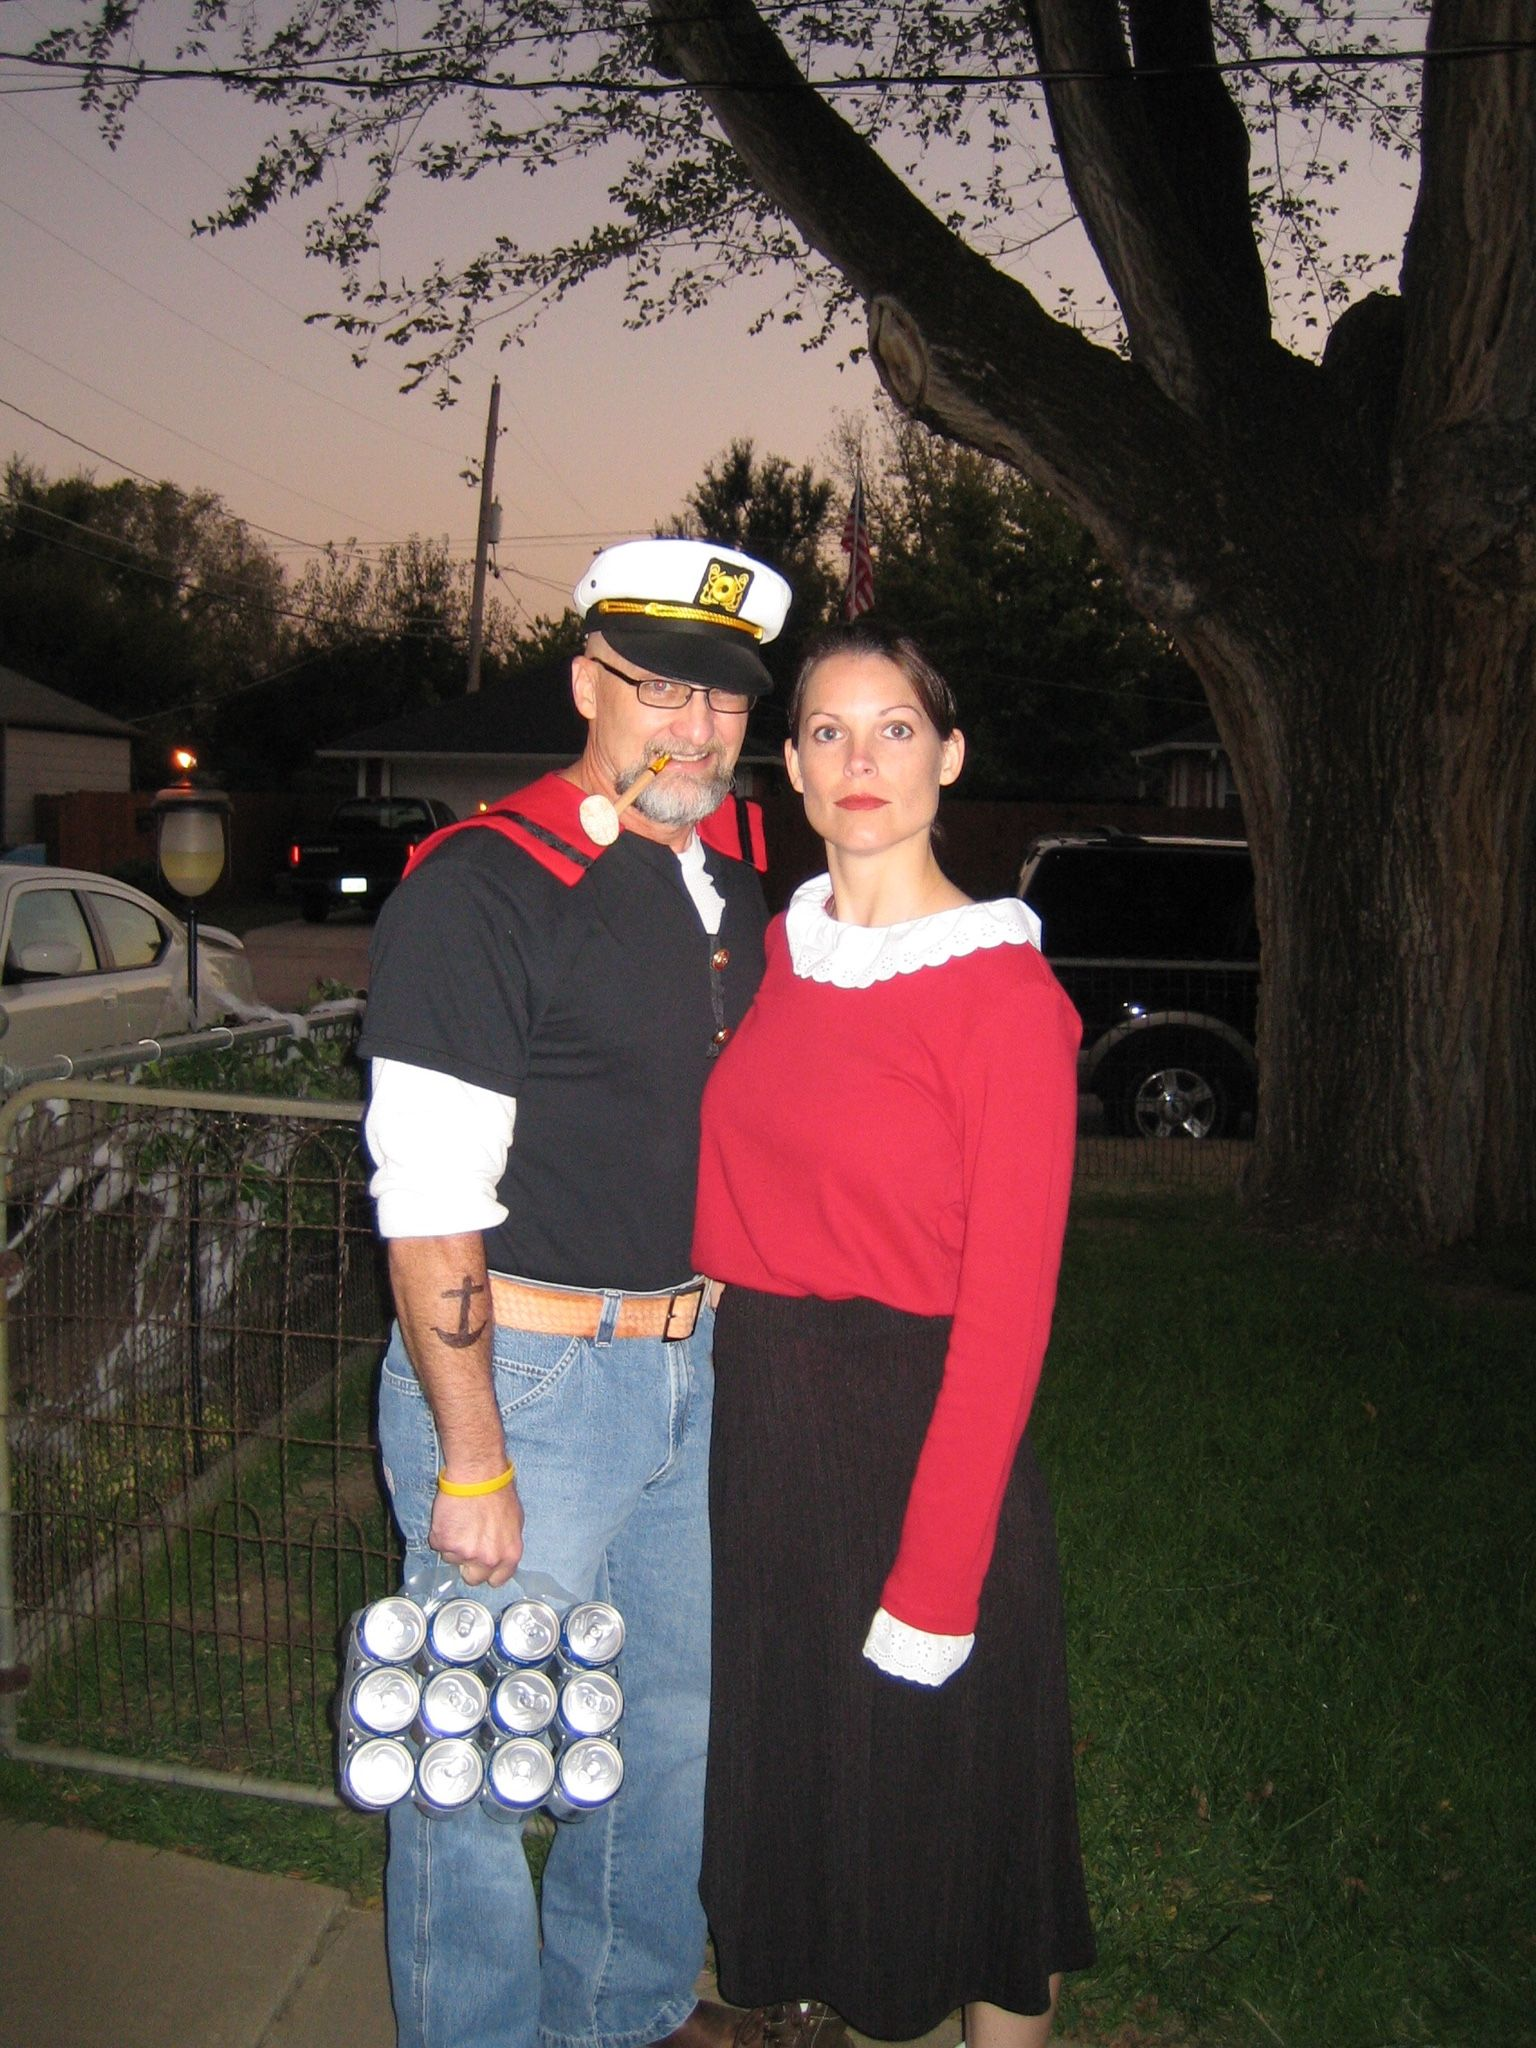 Popeye u0026 Olive Oyl costume  sc 1 st  Pinterest & Popeye u0026 Olive Oyl costume | Costumes | Pinterest | Popeye olive oyl